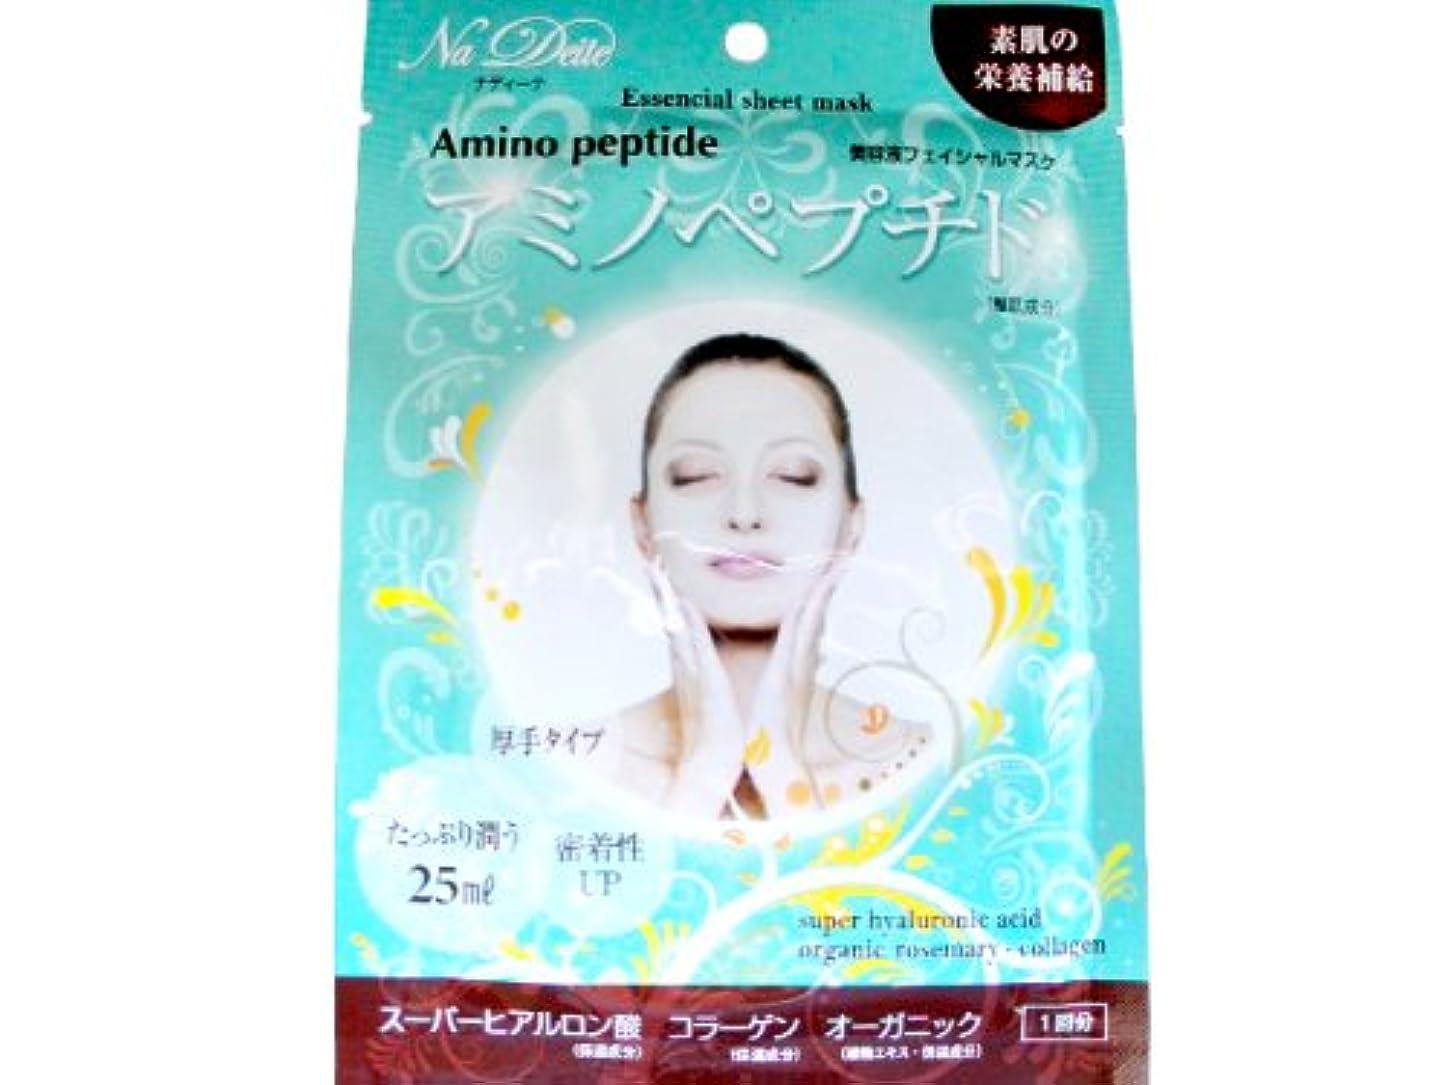 ナディーテ シートマスク アミノペプチド 300枚セット